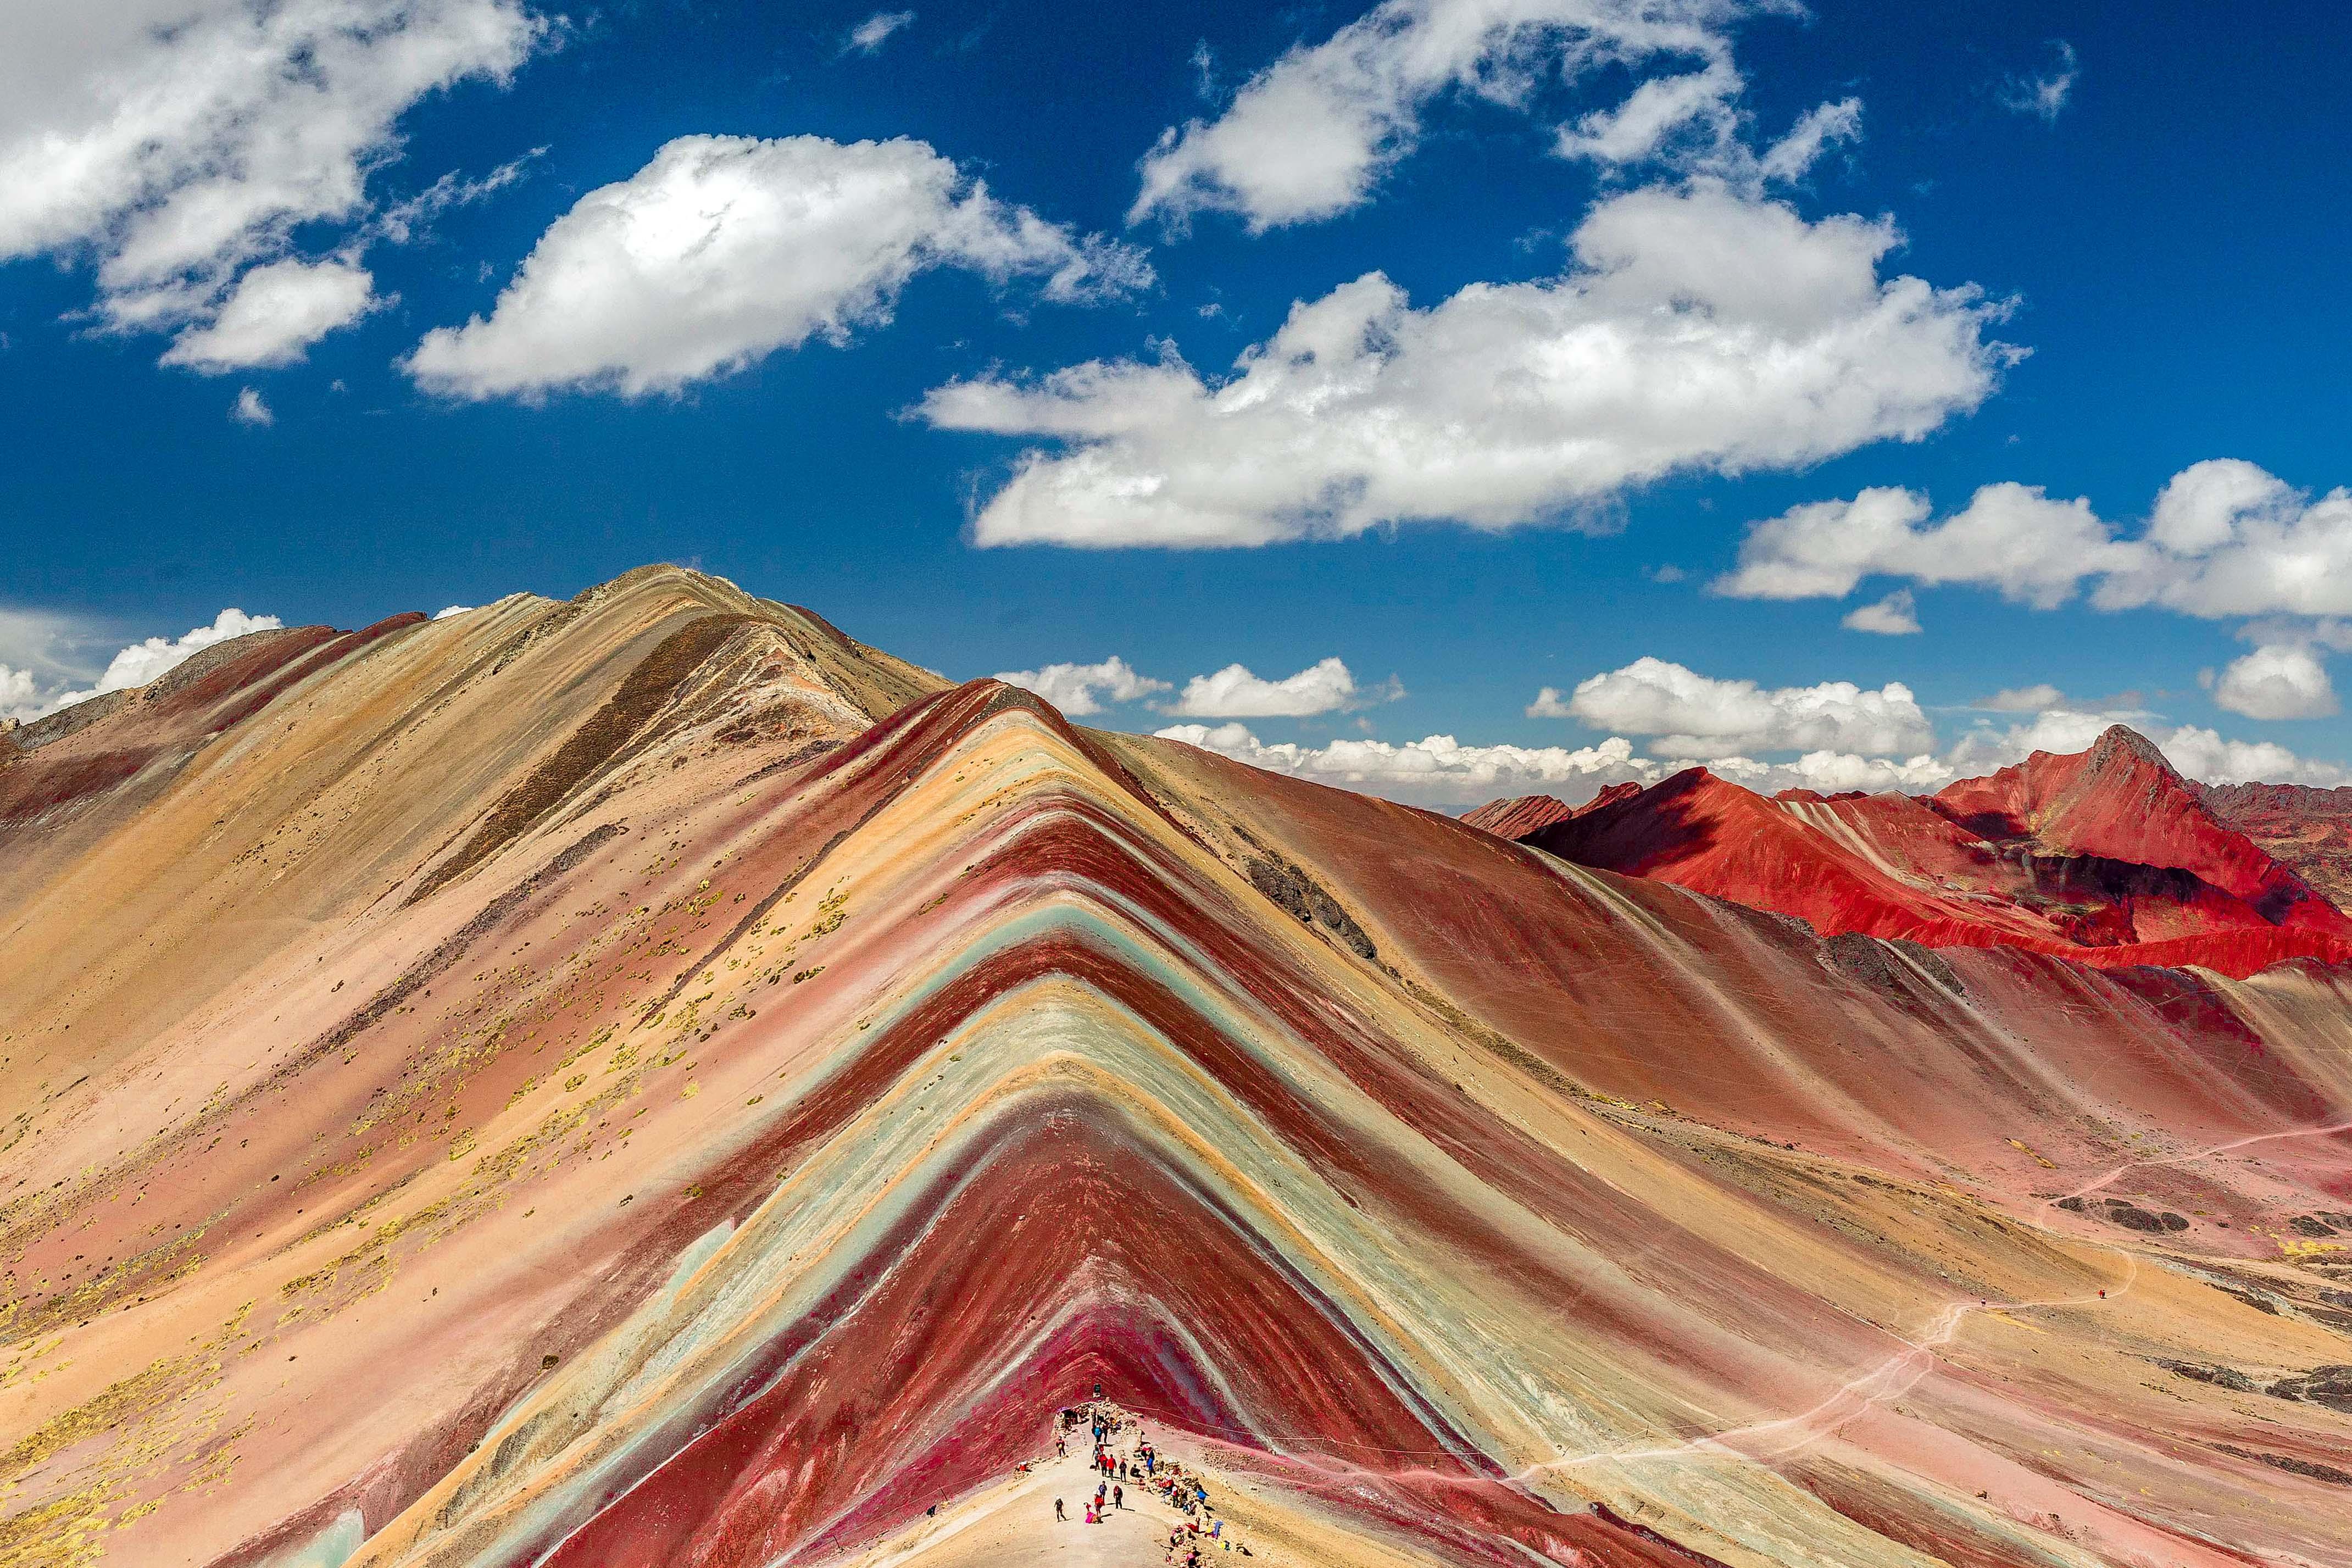 インカの聖なる谷ハイキングとマチュピチュ遺跡、絶景のヴィニクンカ 11日間